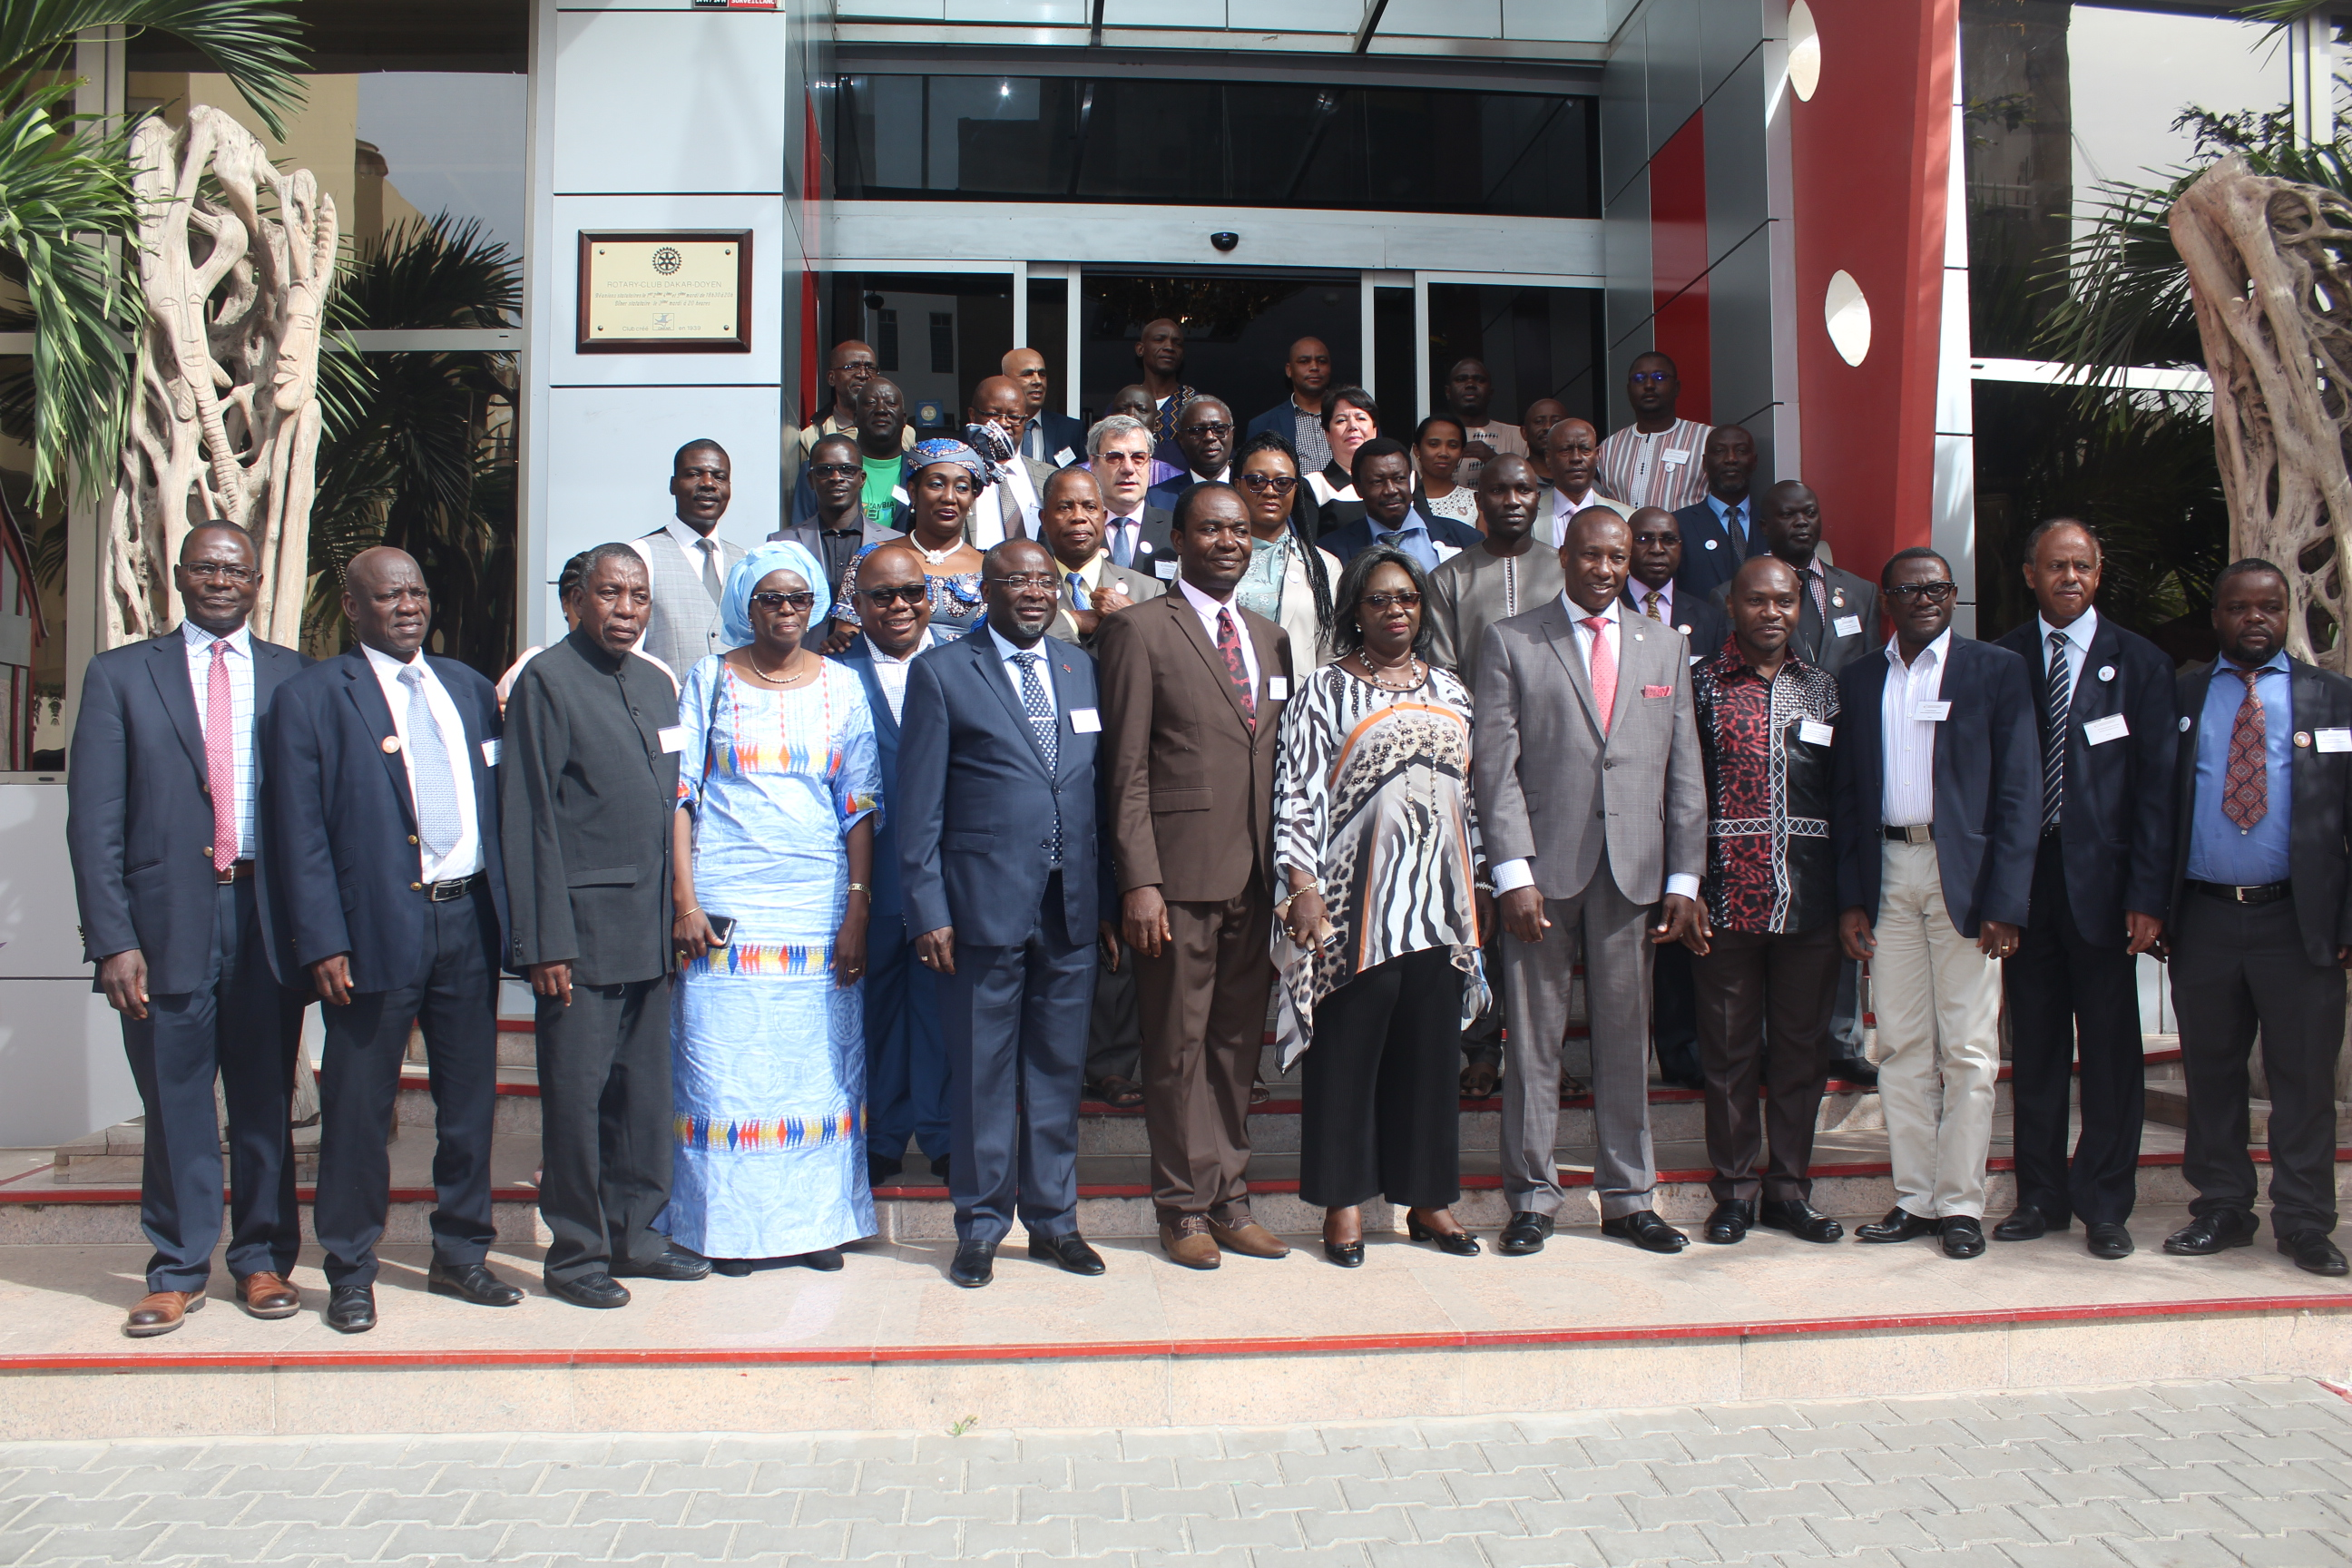 11e assemblée de l'OSGA : les acteurs prônent l'harmonisation des politiques miniers en Afrique